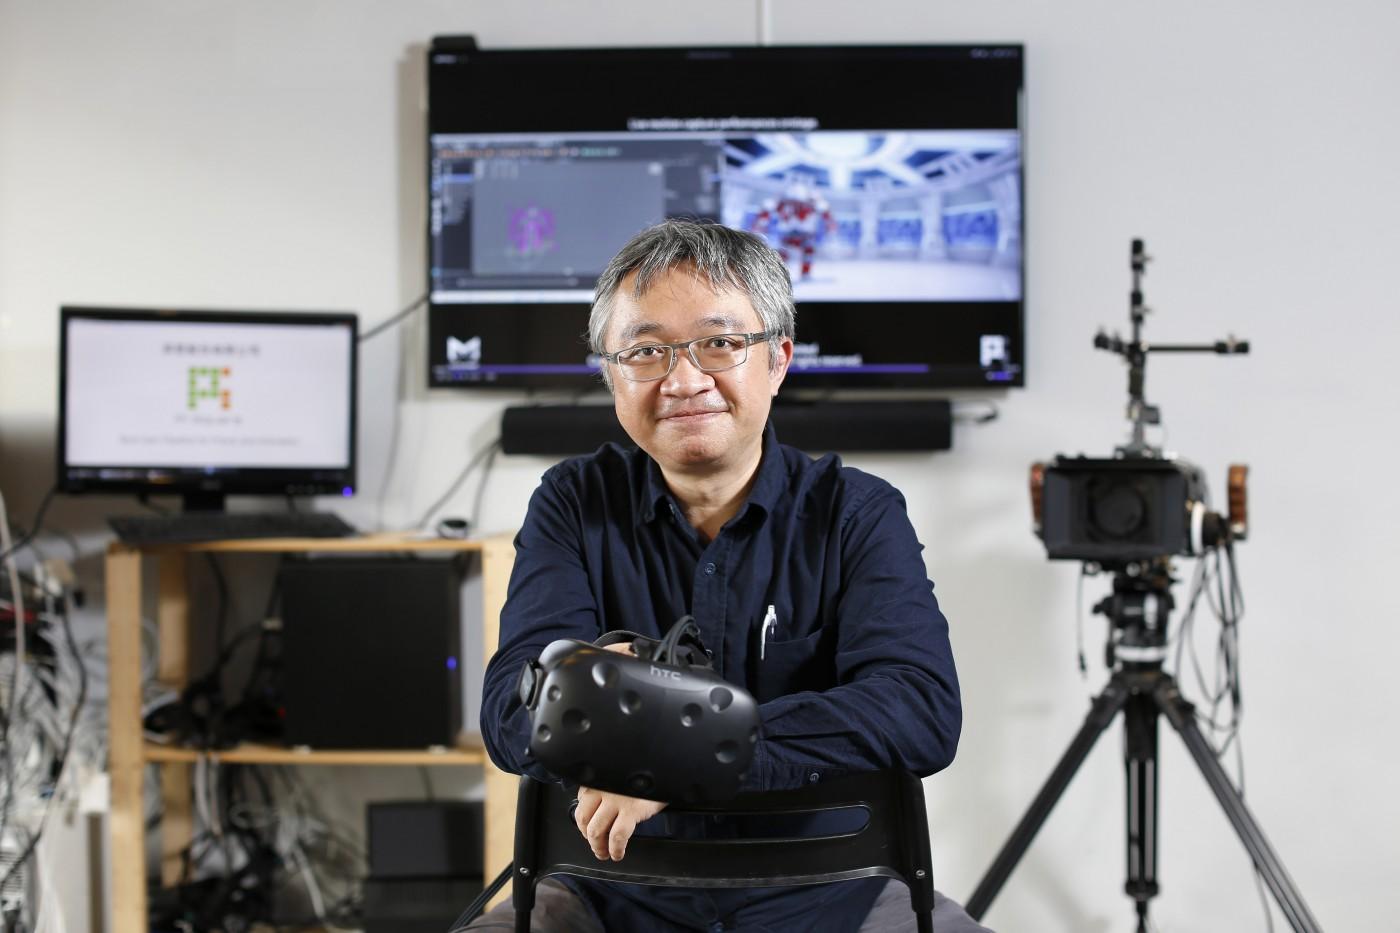 你知道電影特效也要預演嗎?台灣6人團隊用遊戲引擎「即時預覽」技術打進好萊塢市場